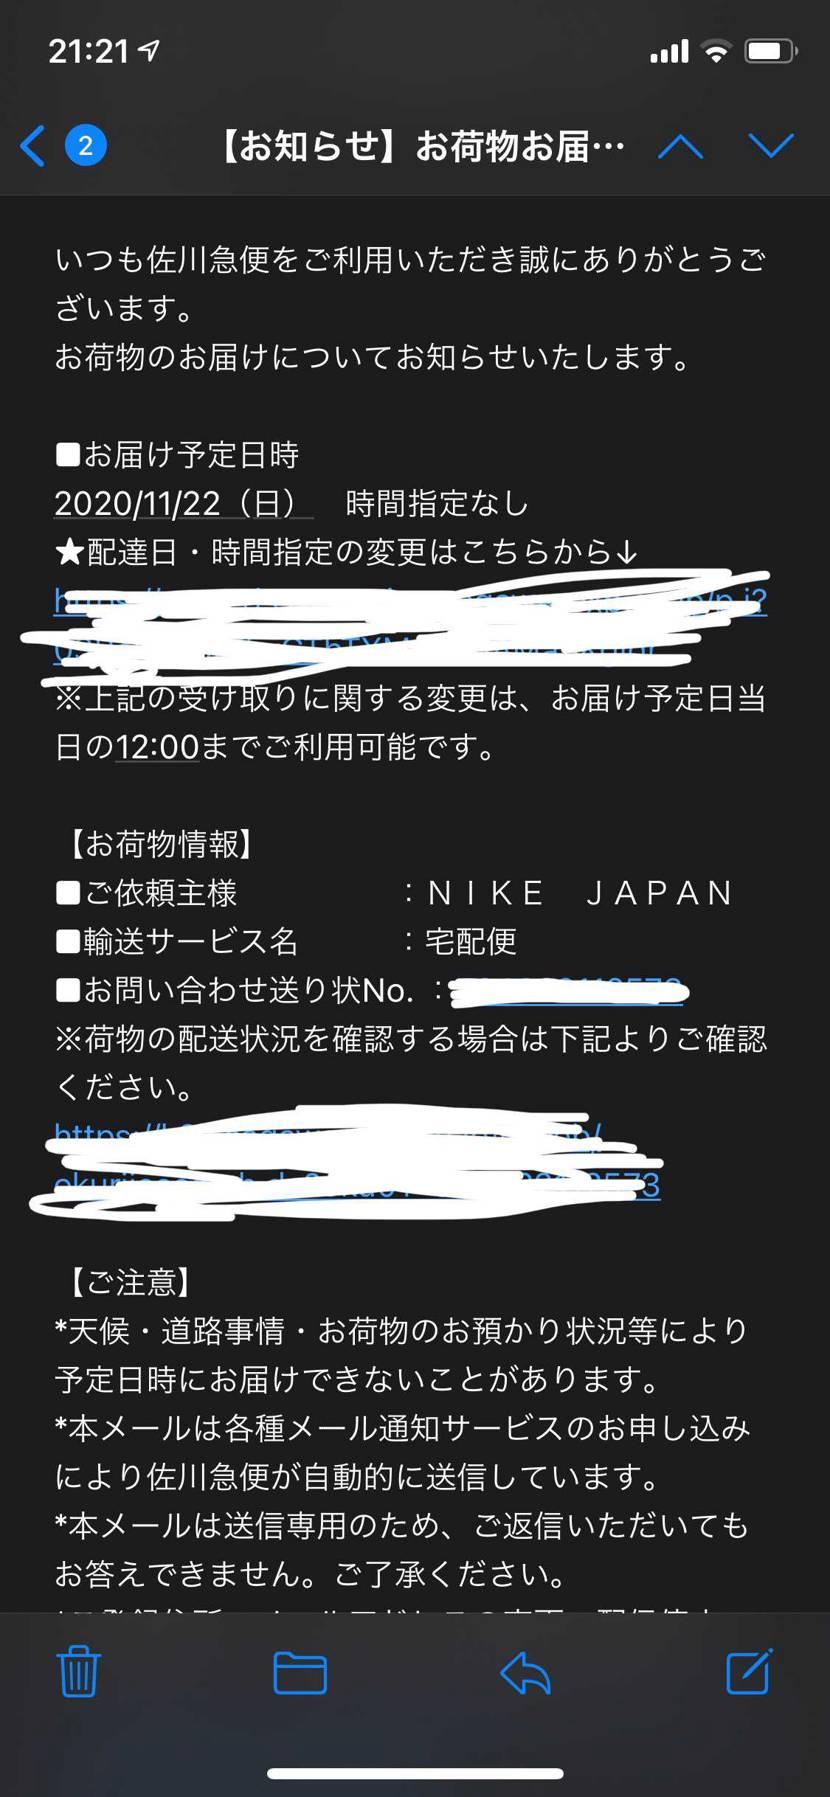 【早い到着だな】 24日到着予定が明日には手元に来る様子 東京都内です